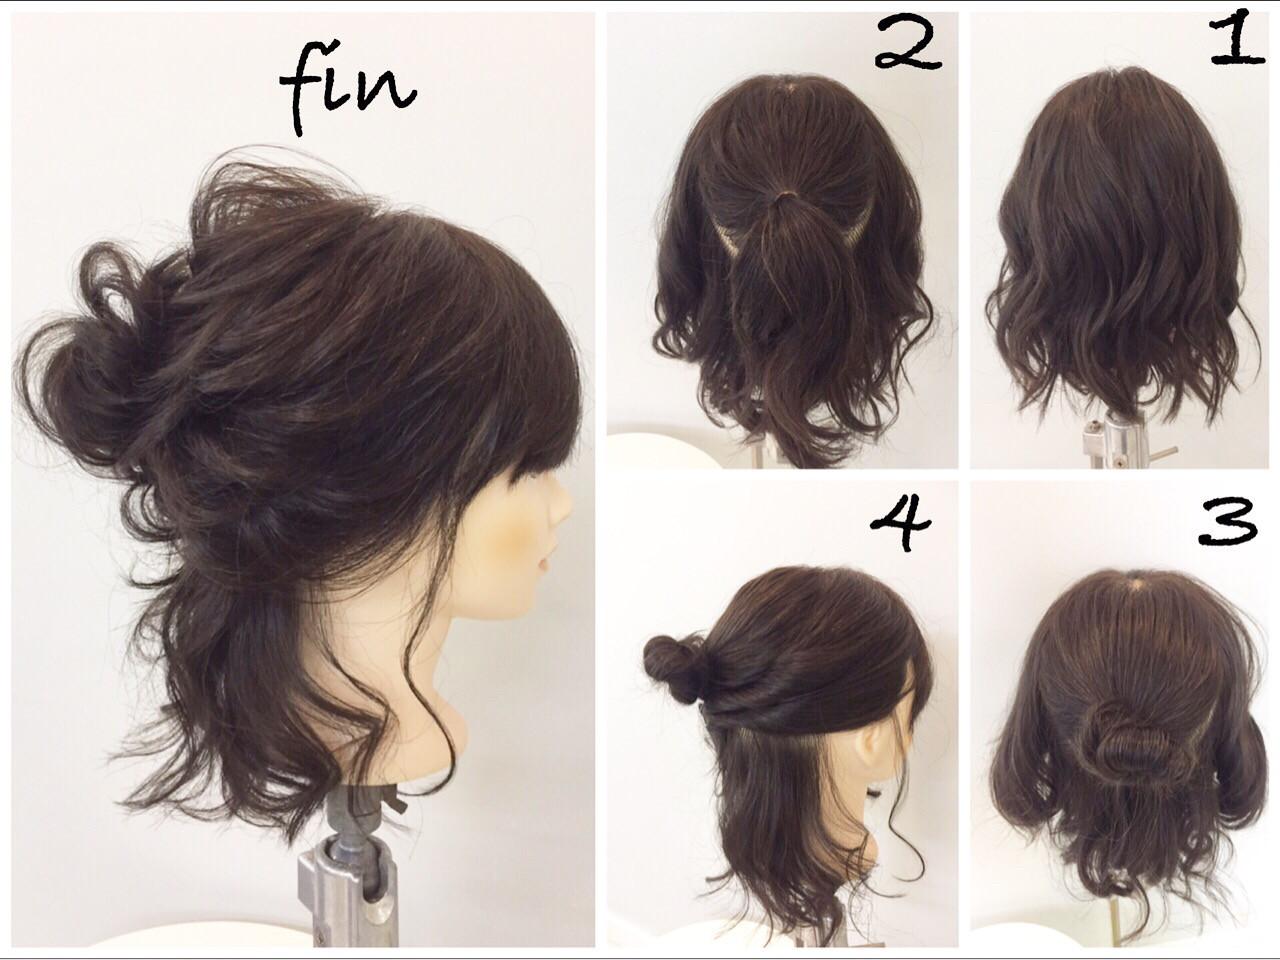 ボブ ハーフアップ 大人女子 簡単ヘアアレンジ ヘアスタイルや髪型の写真・画像